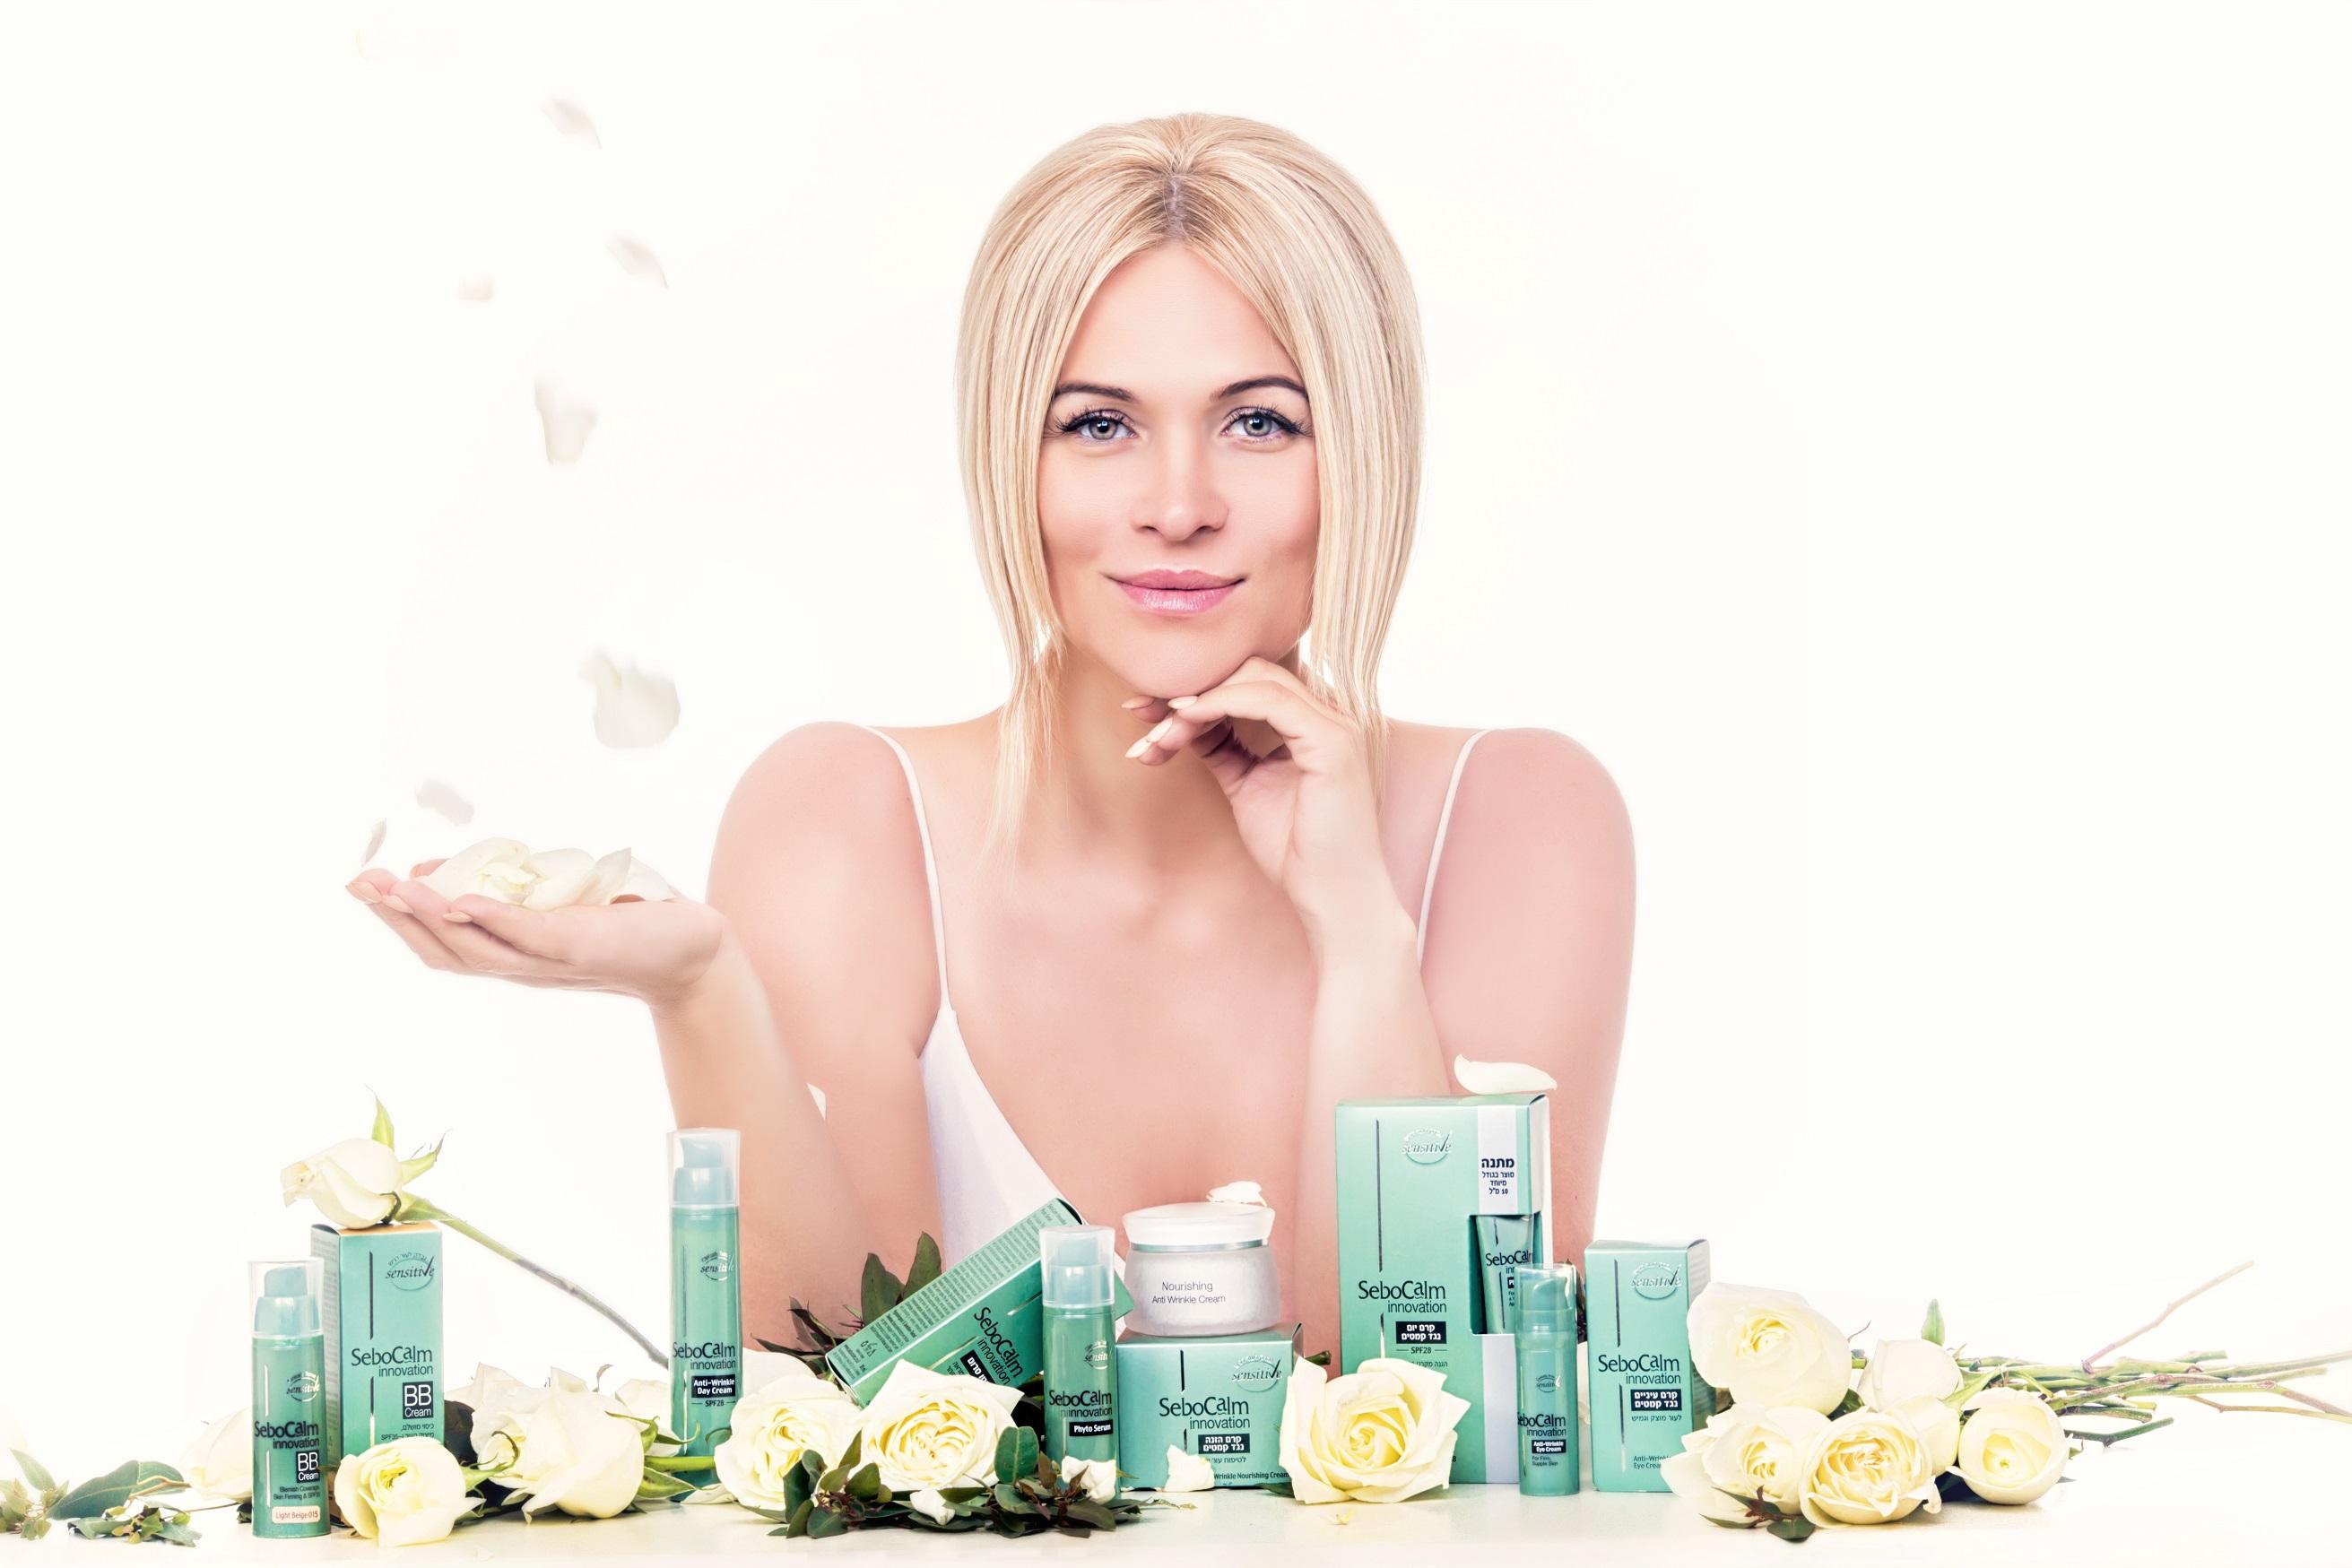 Новогодний макияж: как сделать кожу свежей и здоровой к празднику?